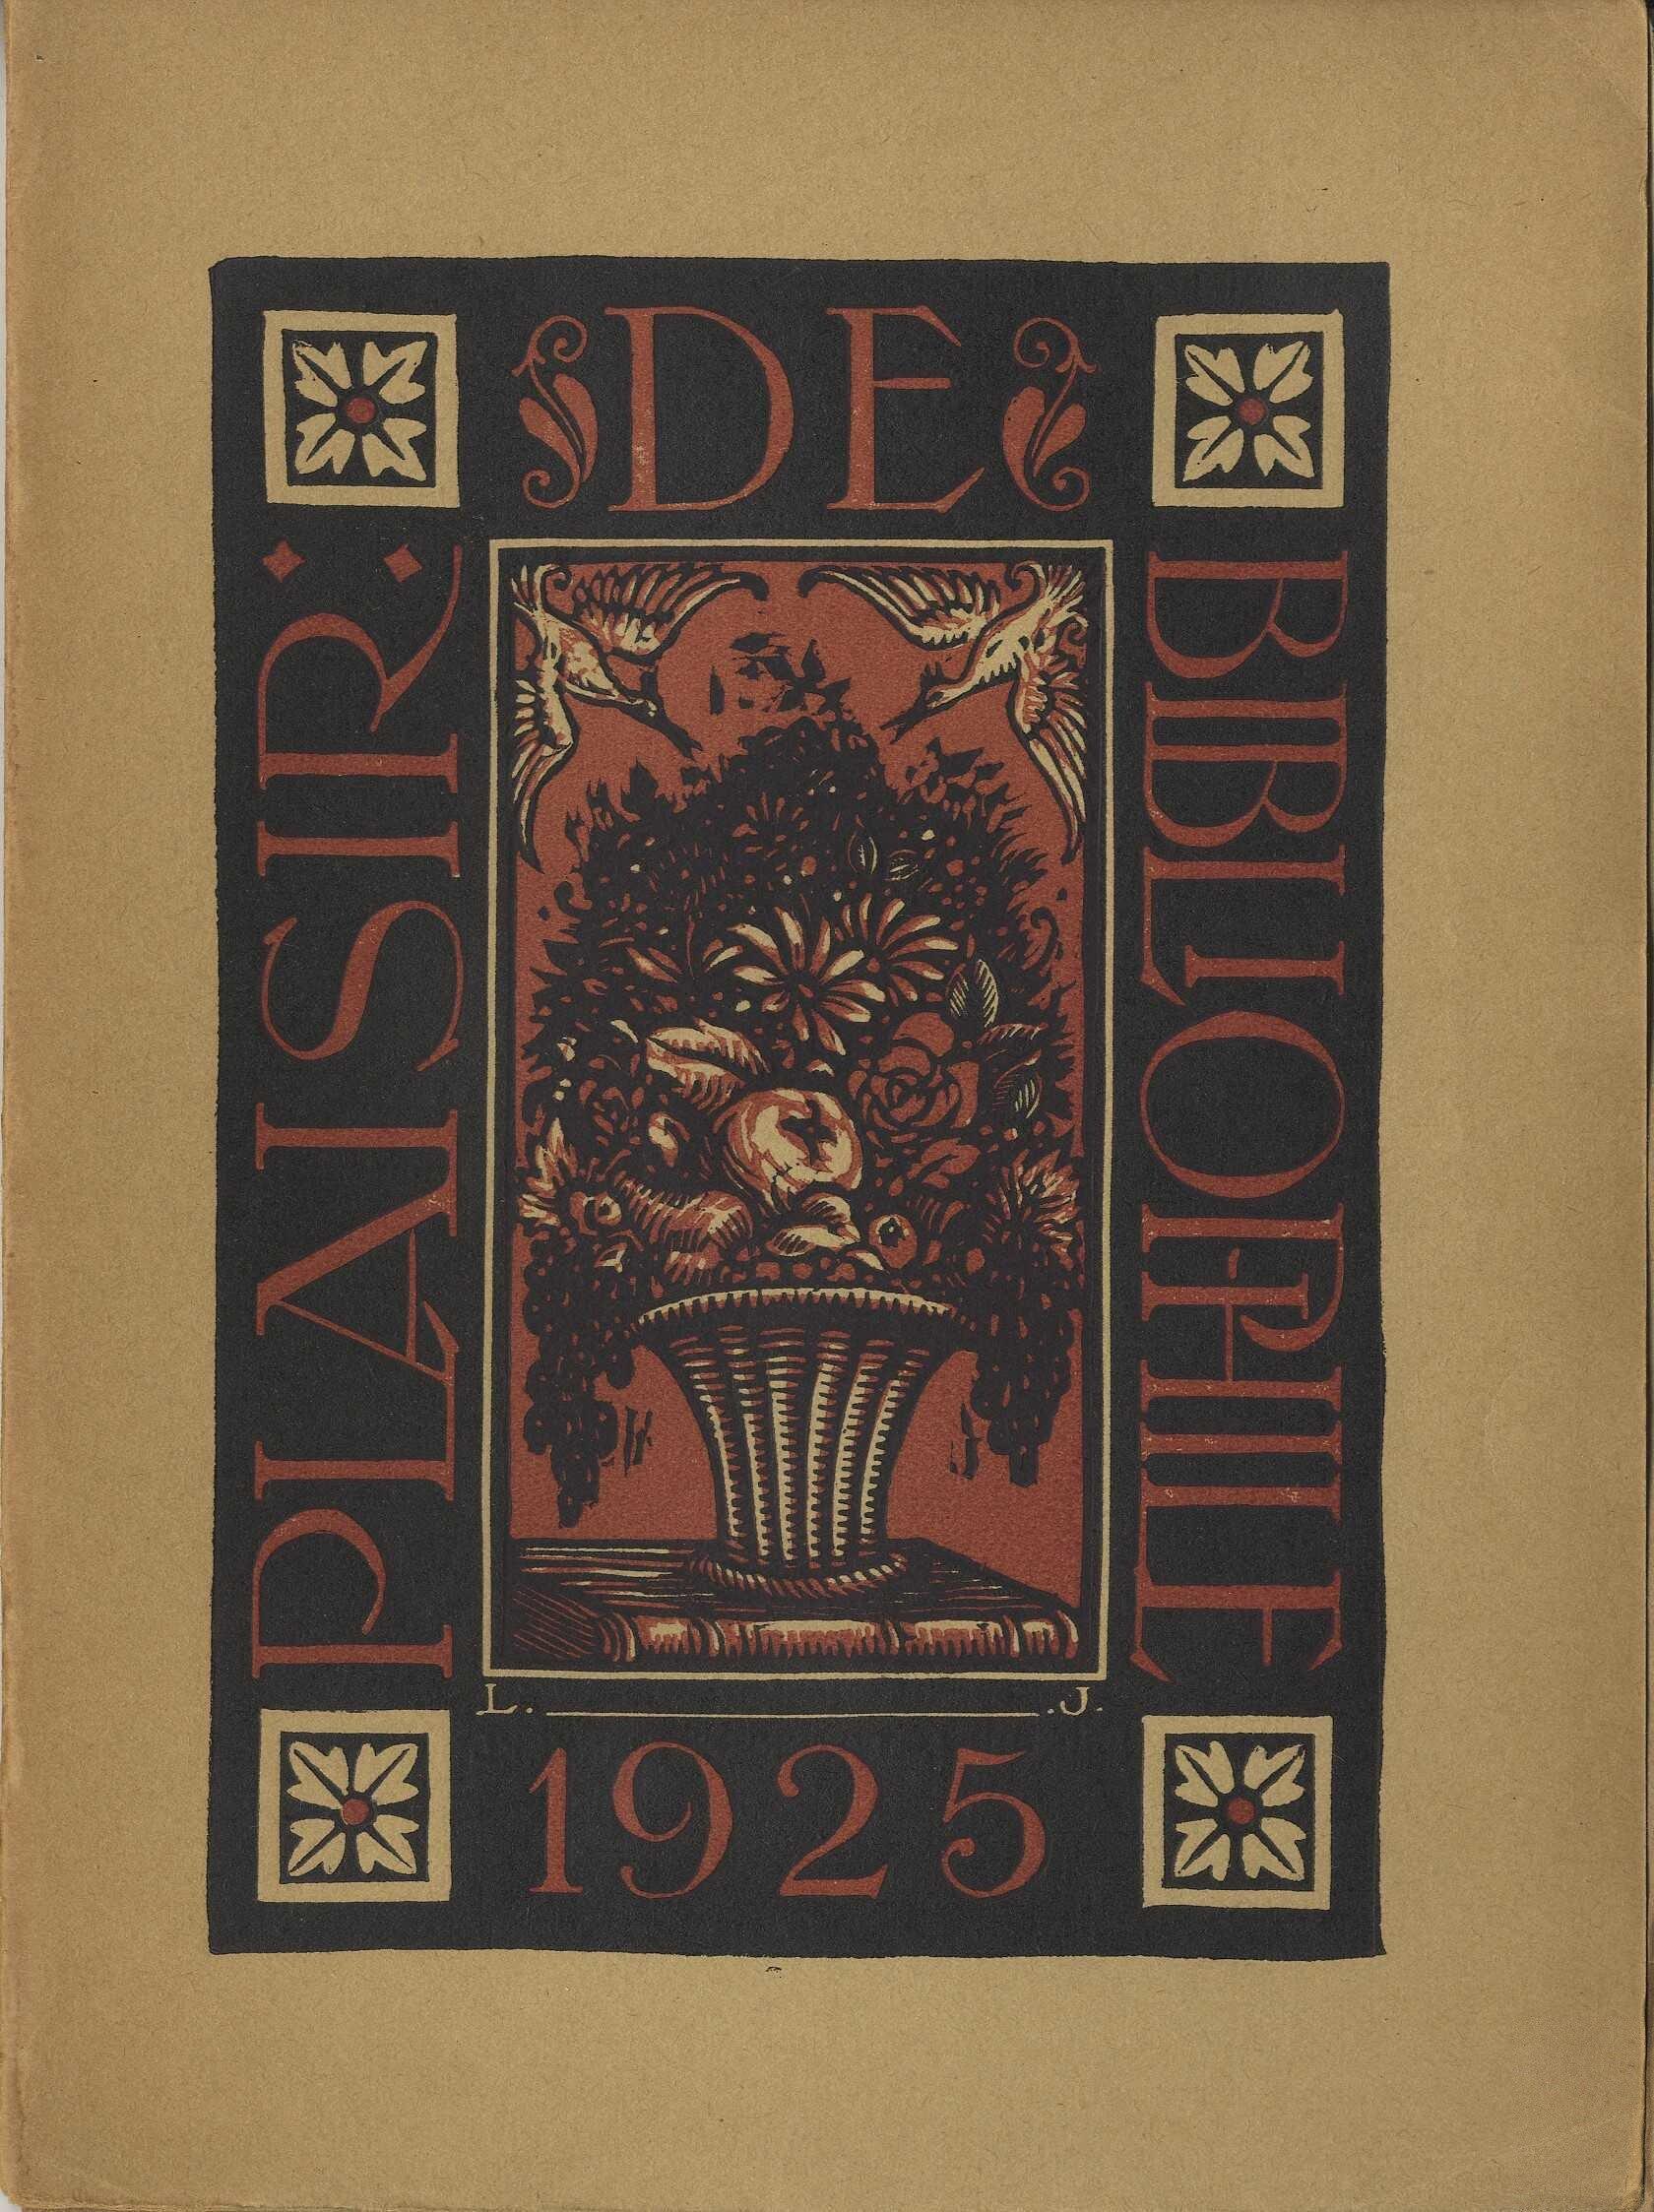 image for Editions des Cahiers libres / René Laporte (1905-1954)